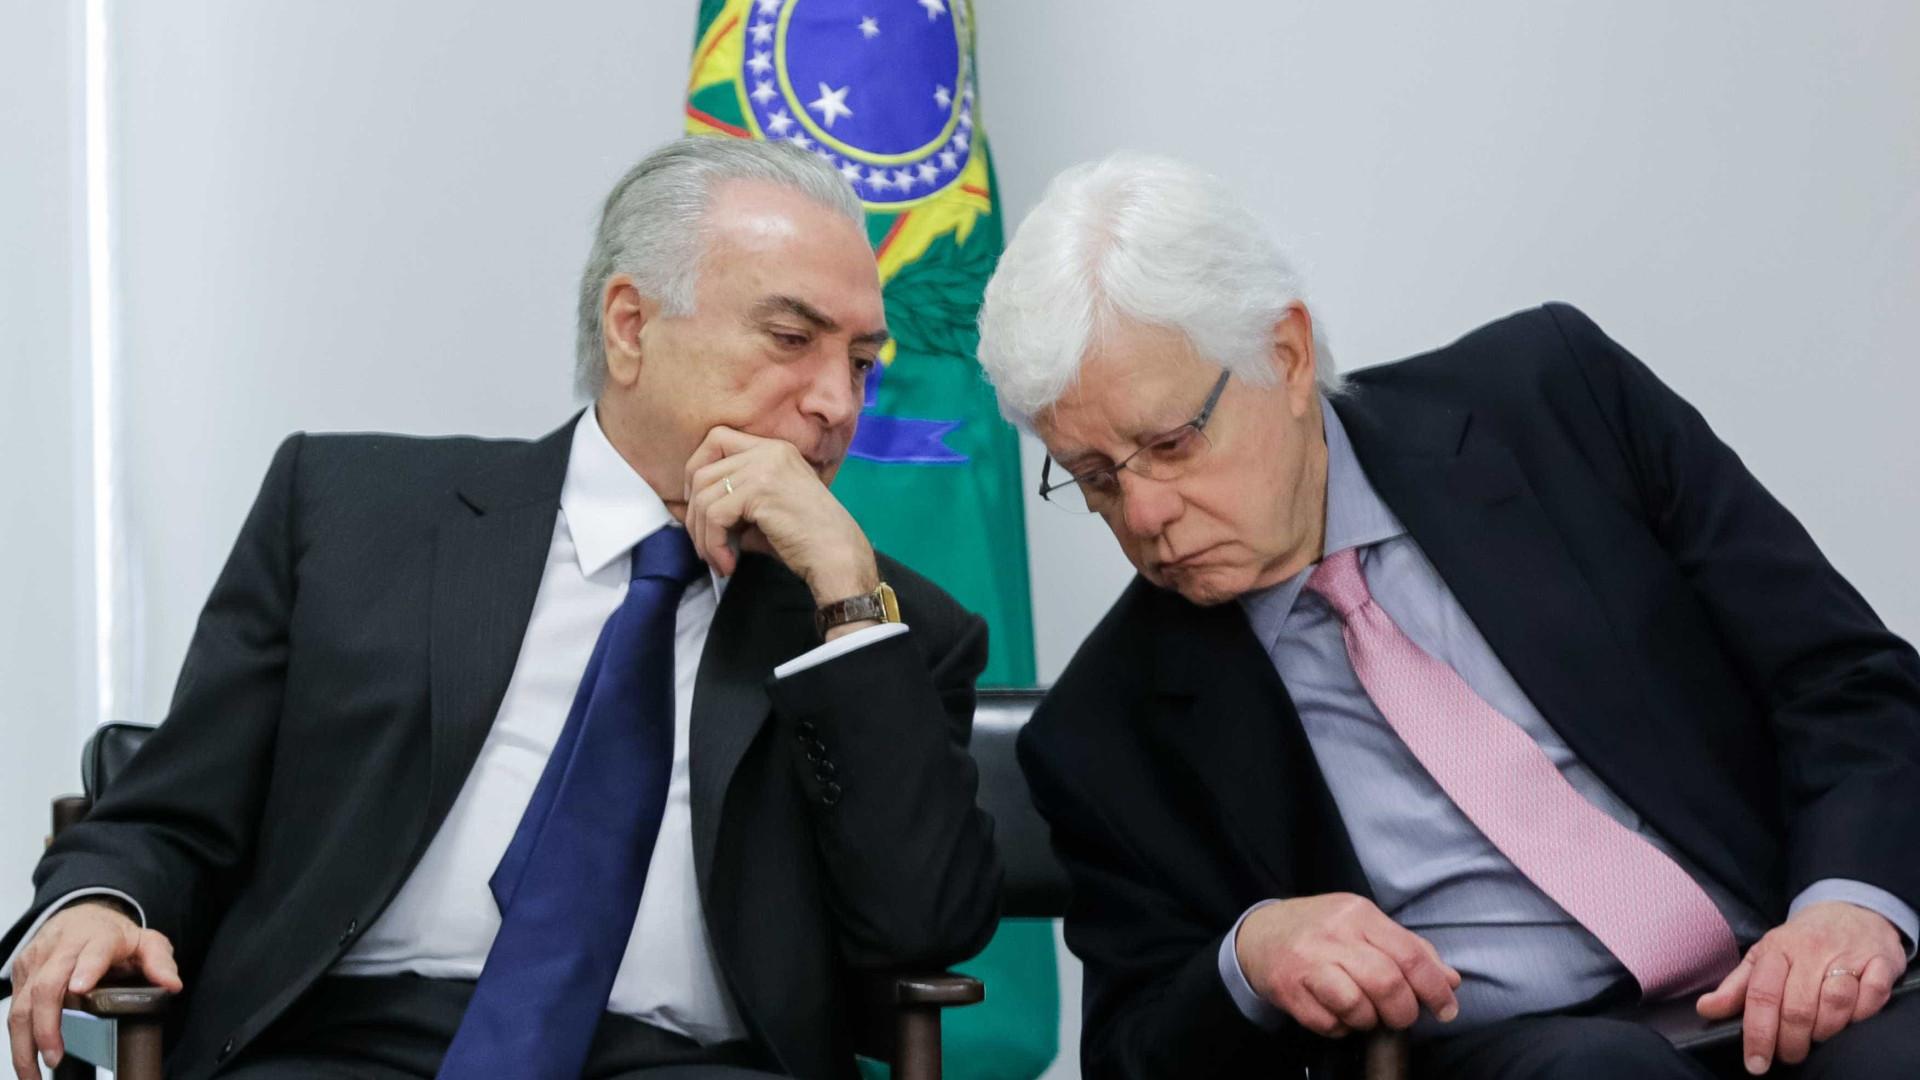 Lava Jato exibe conversa entre Temer e Moreira horas antes da prisão